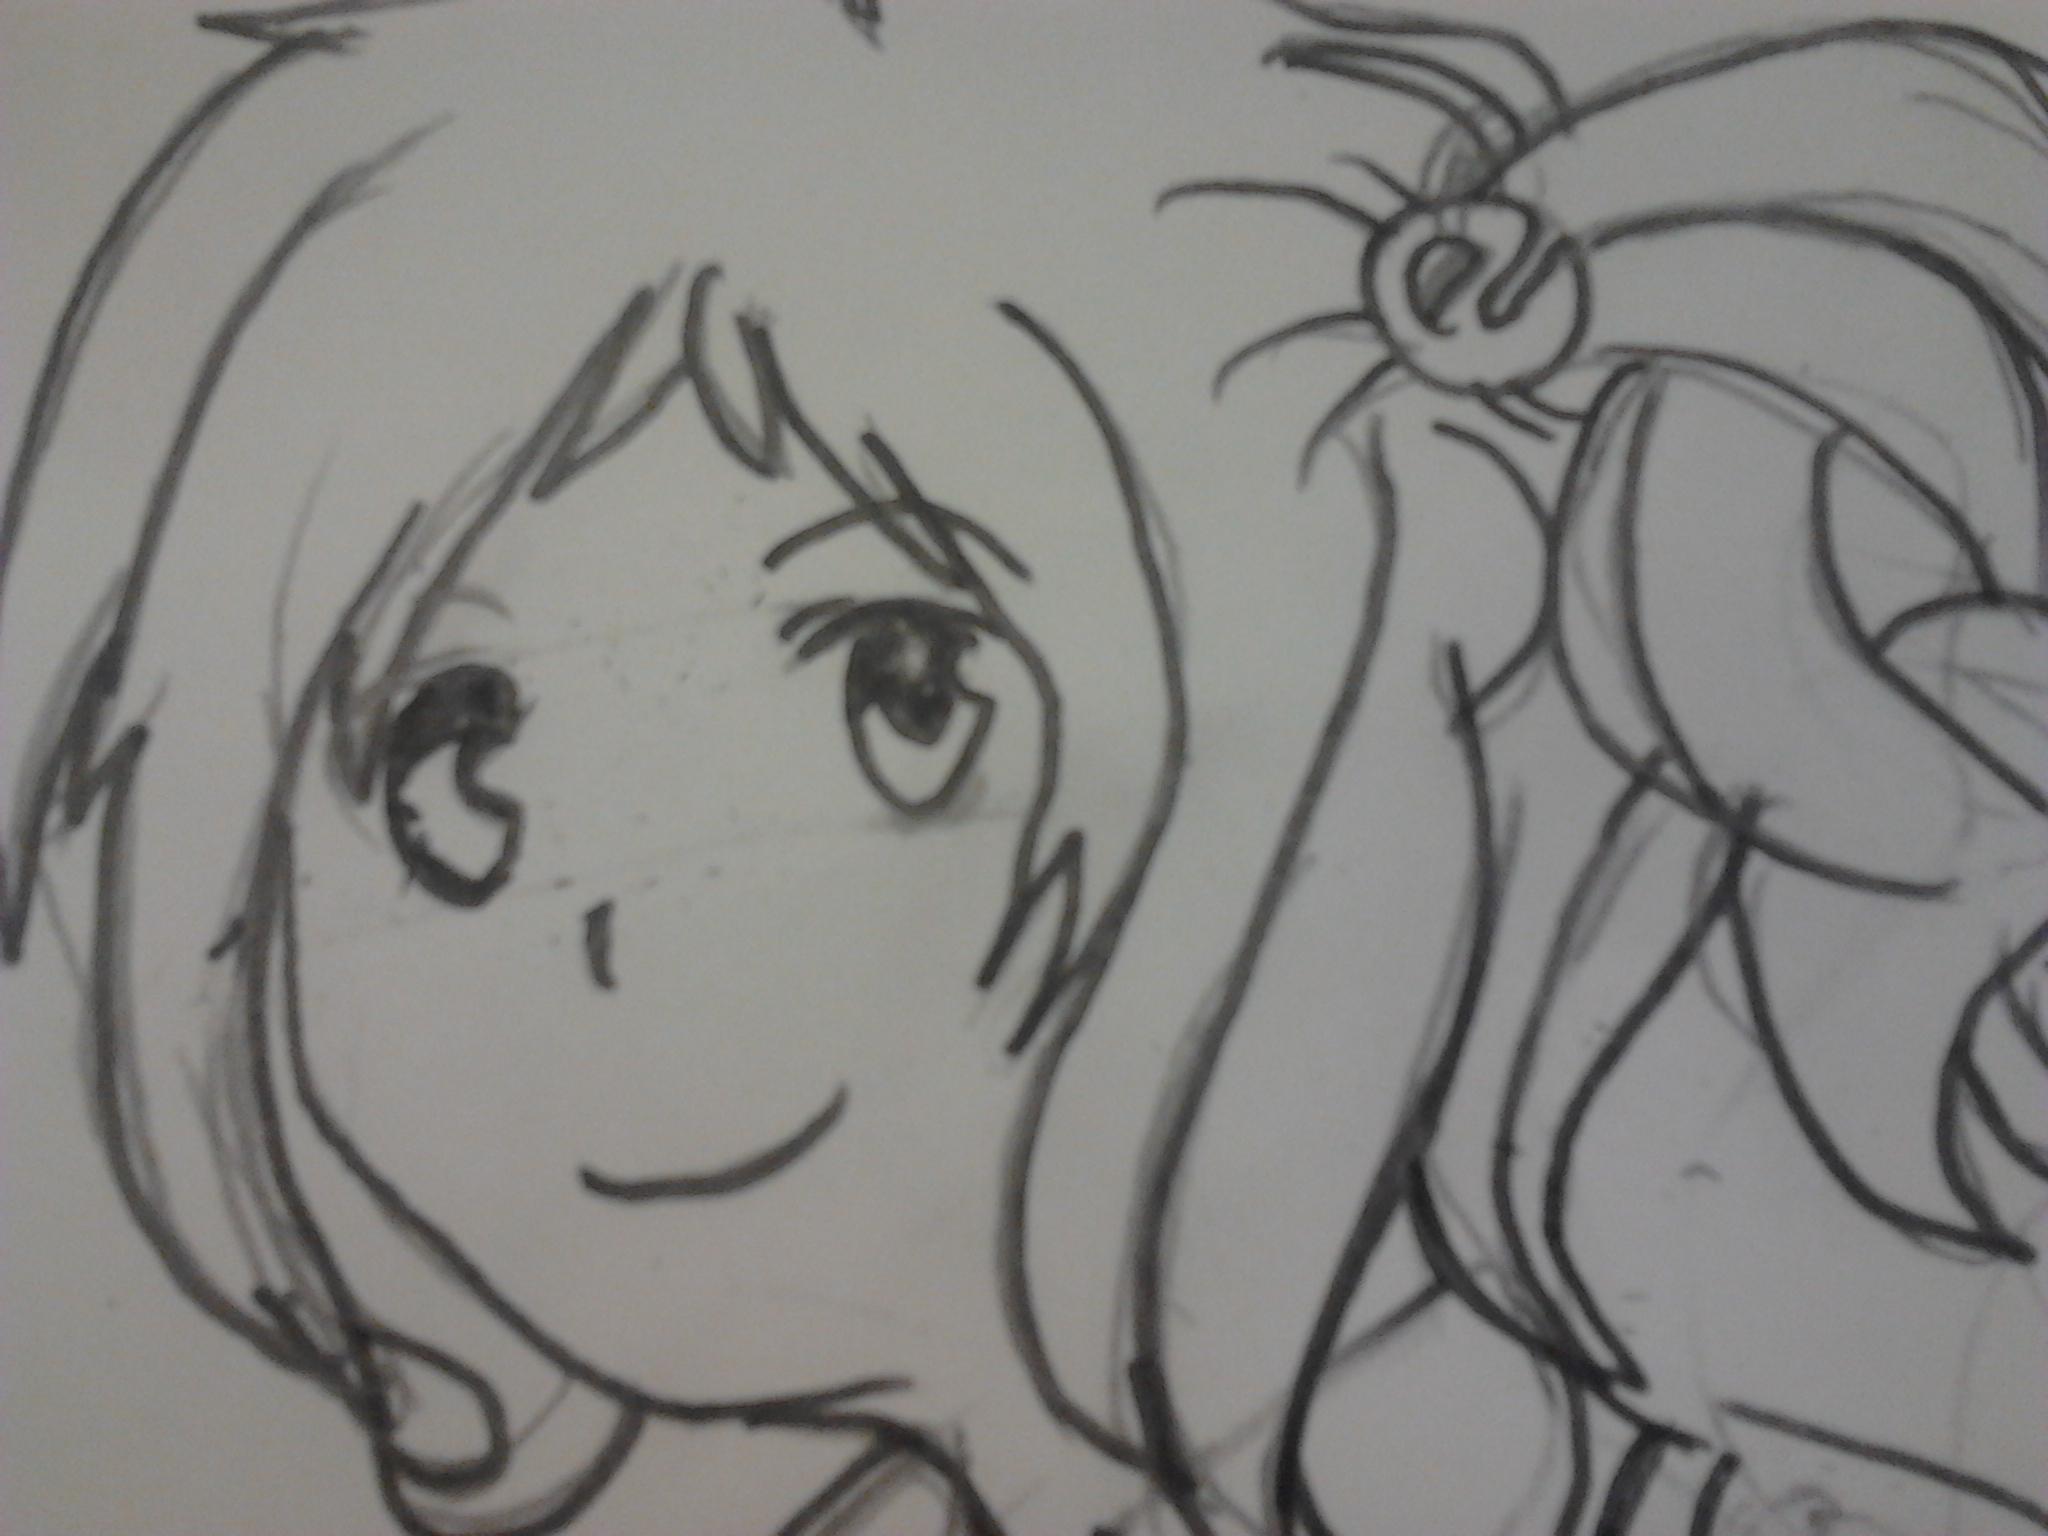 Drawing of Inori Aizawa